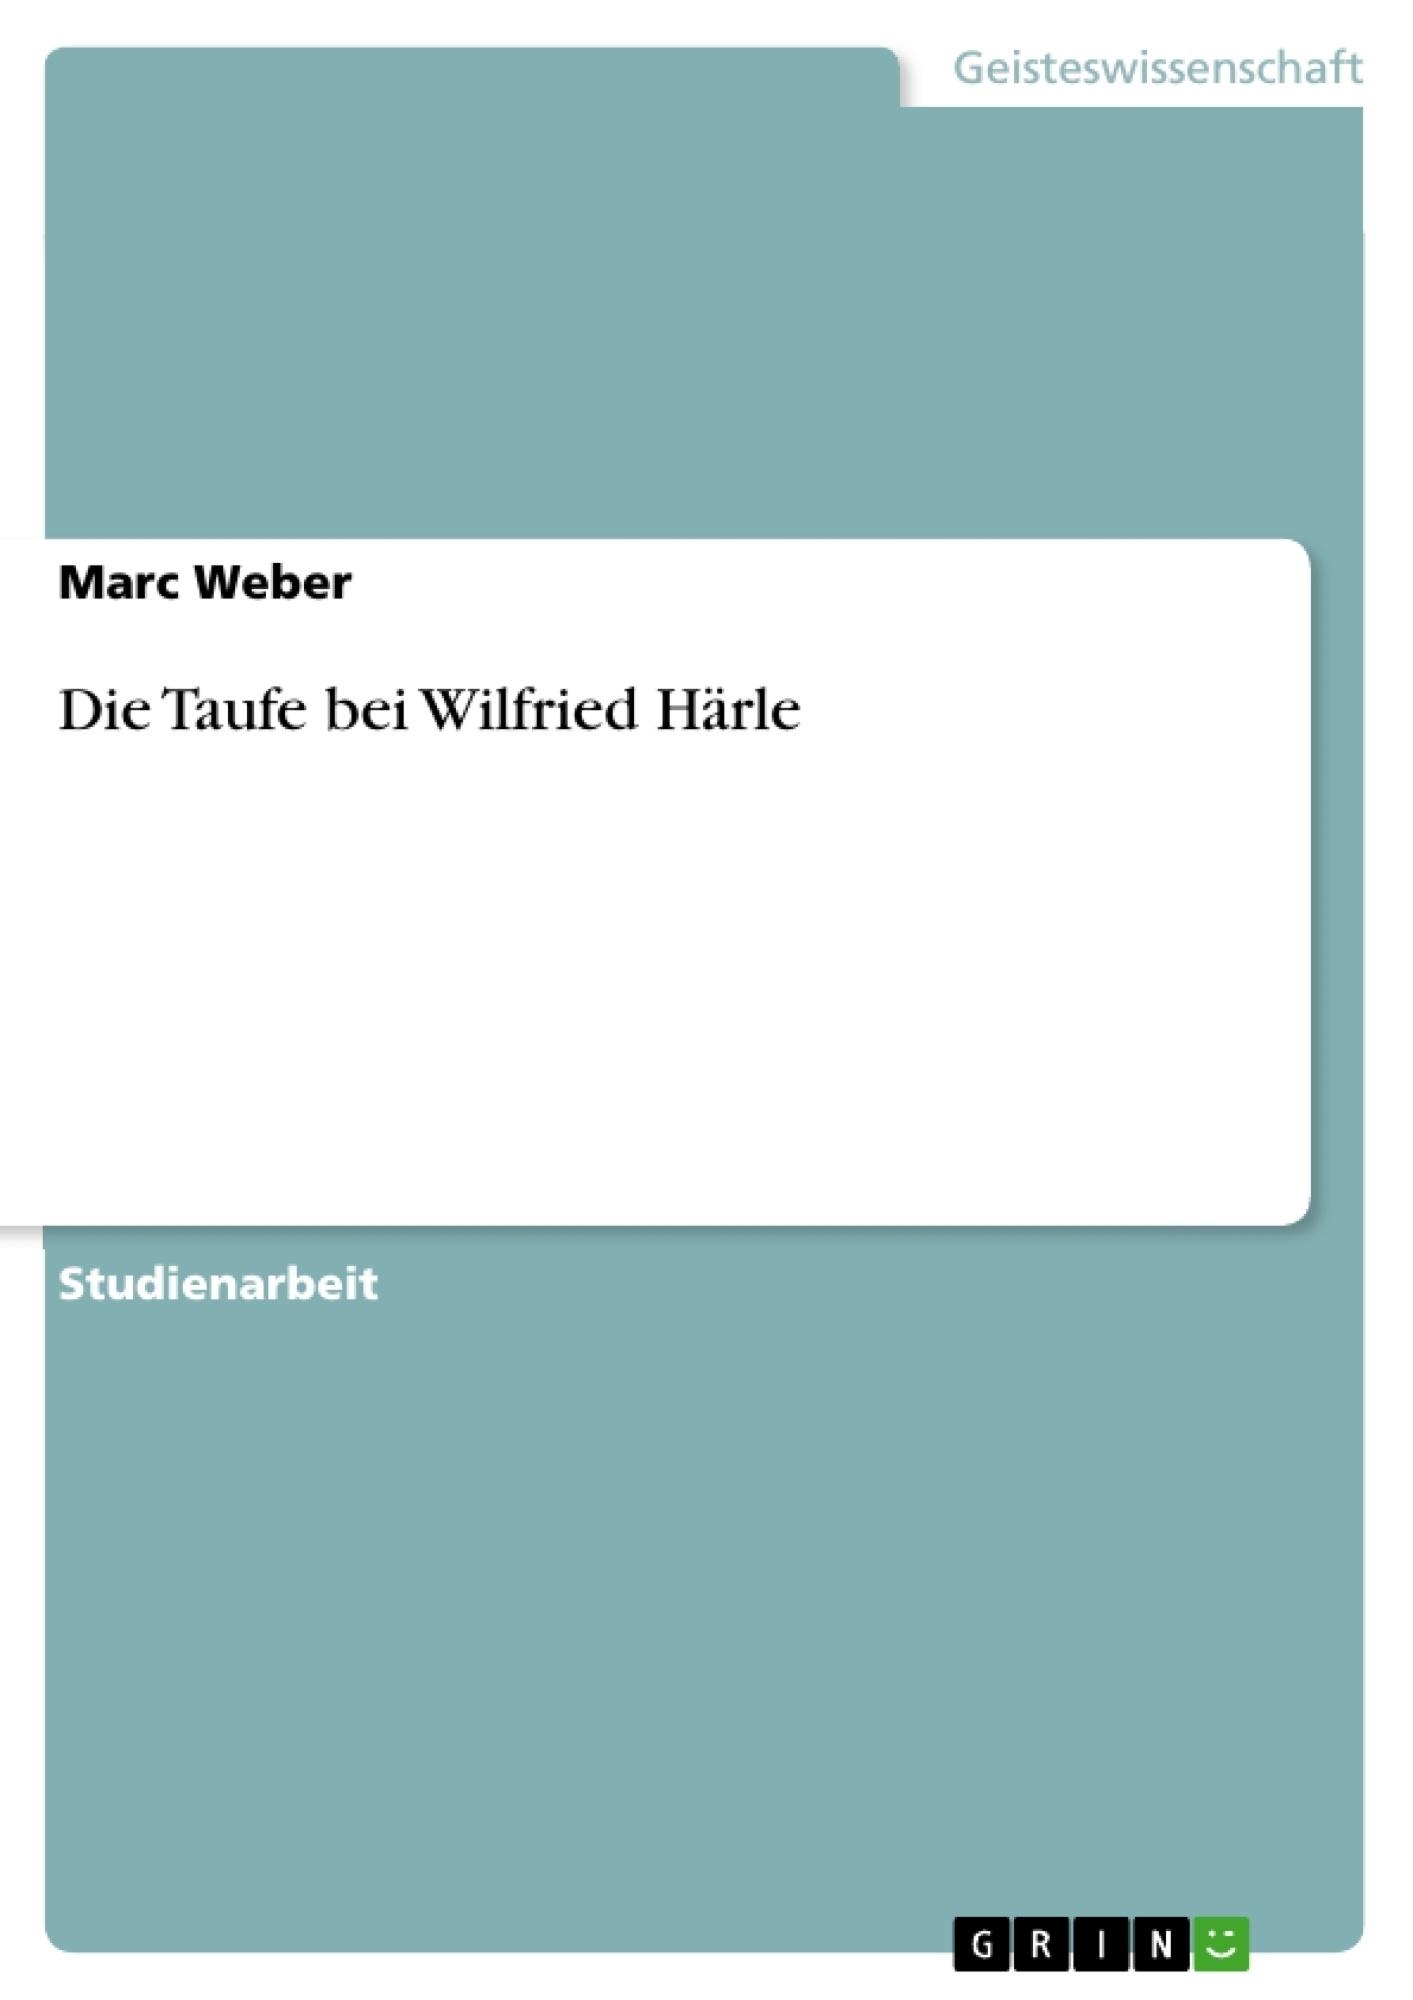 Titel: Die Taufe bei Wilfried Härle